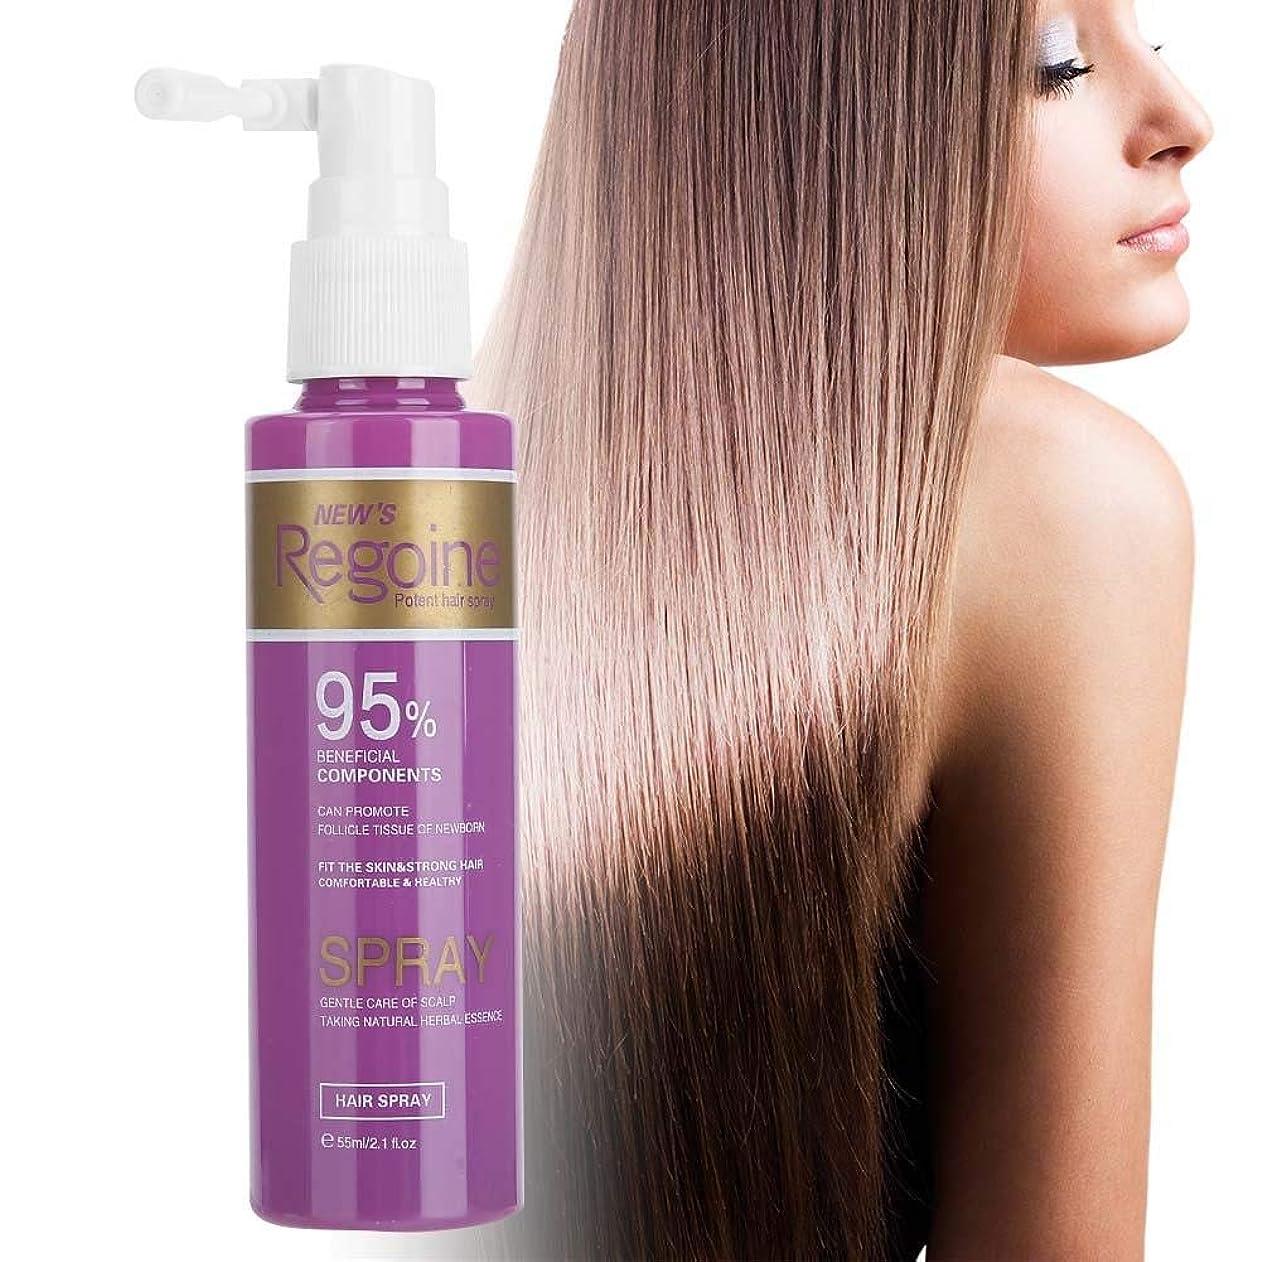 牧師ガラガラ廊下育毛、育毛、育毛促進、育毛のための美容液薄毛増毛再生治療のための抗脱毛